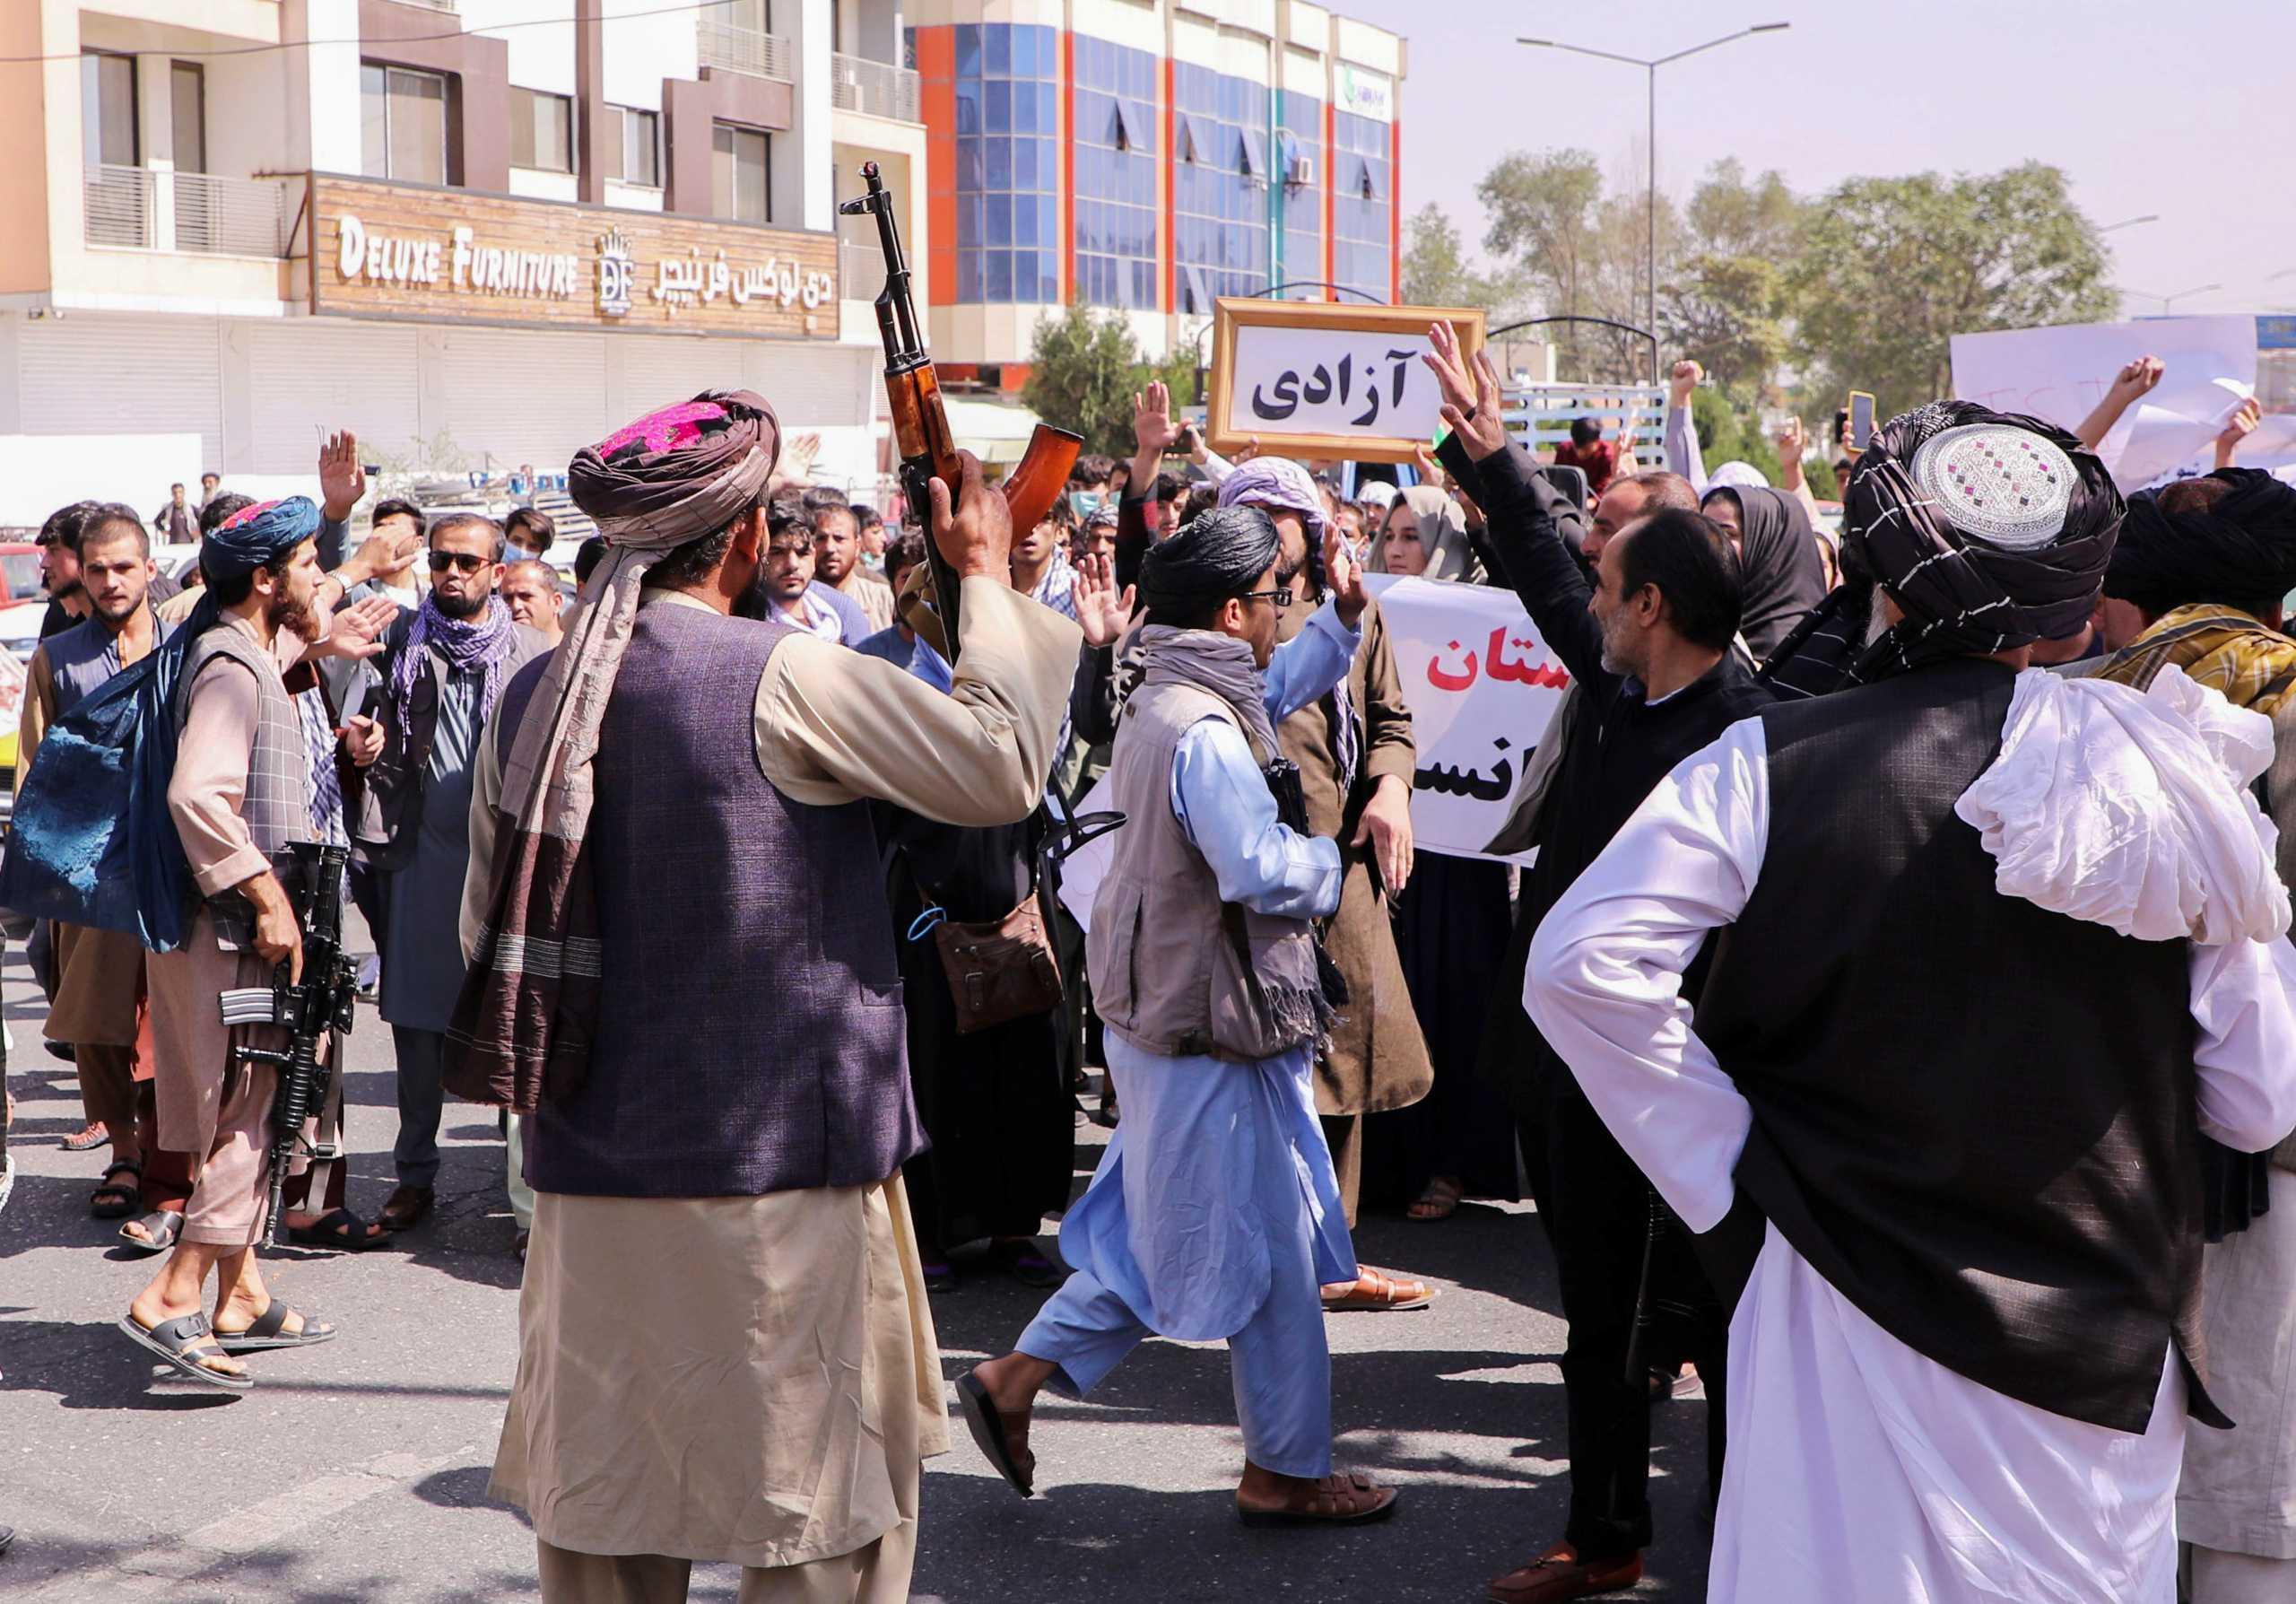 Στόλτενμπεργκ: Το ΝΑΤΟ δε θα δεχτει το Αφγανιστάν να λειτουργήσει ξανά ως ασφαλές καταφύγιο τρομοκρατών